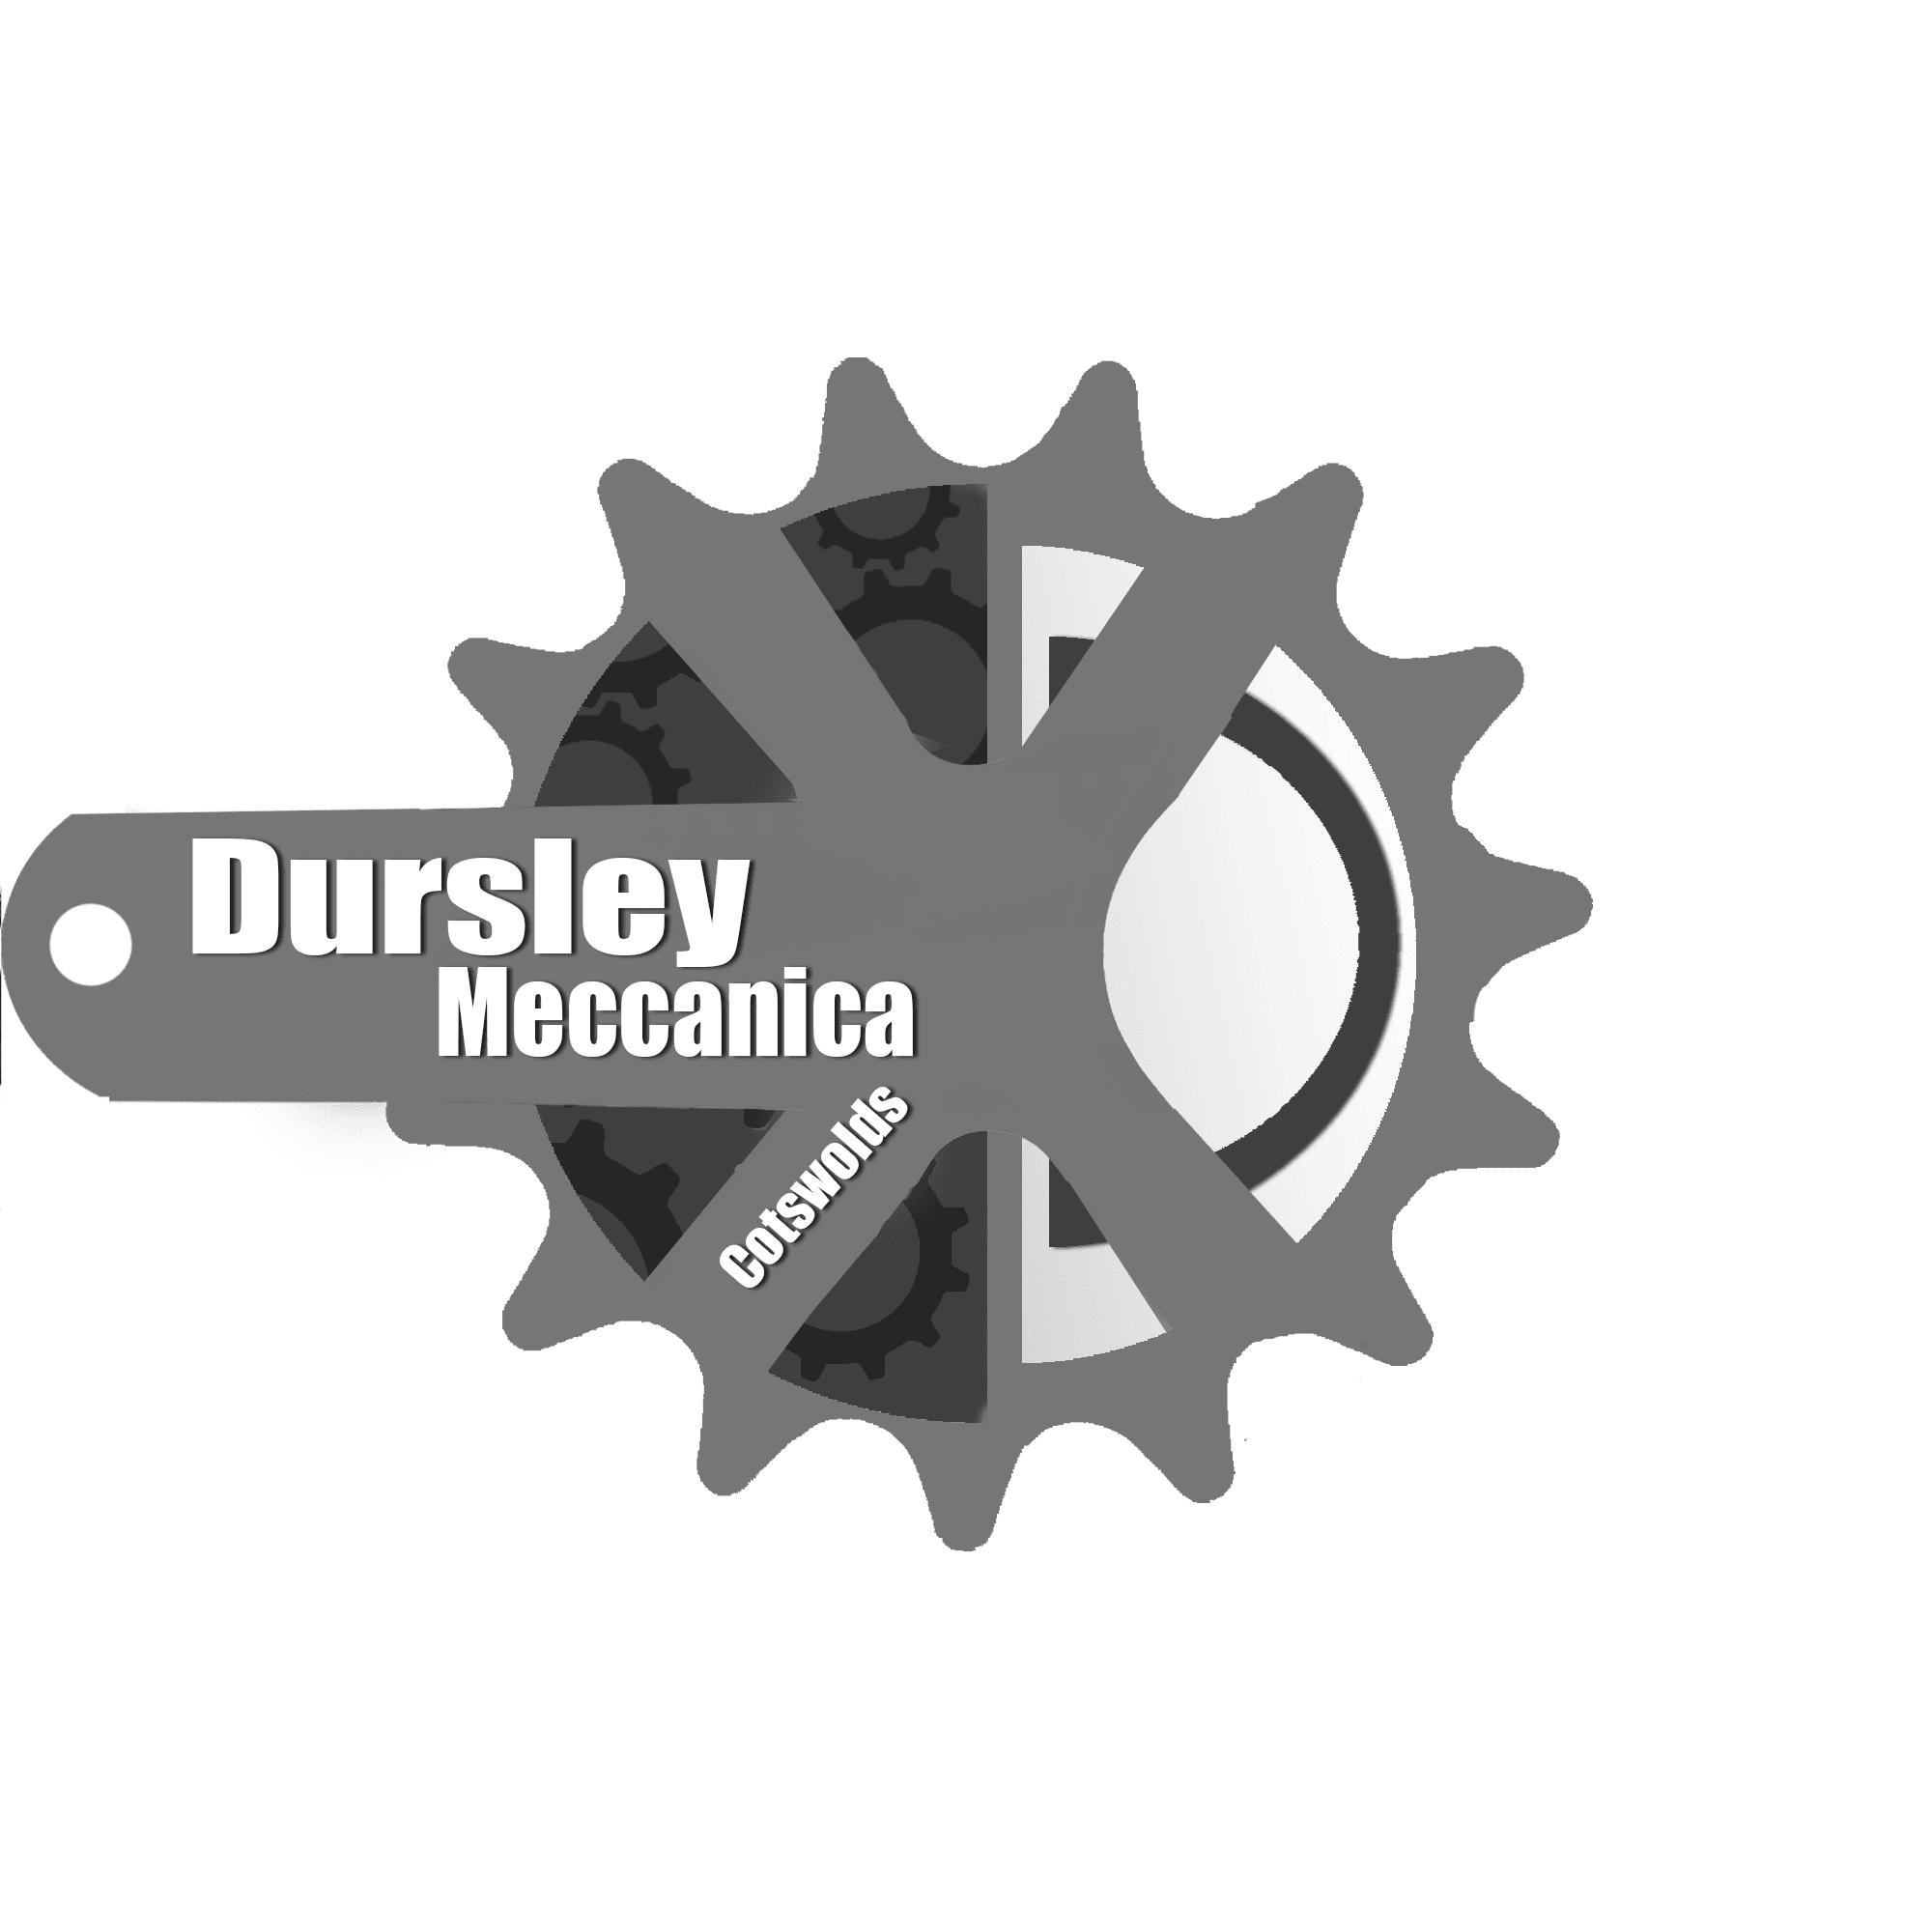 Dursley Meccanica